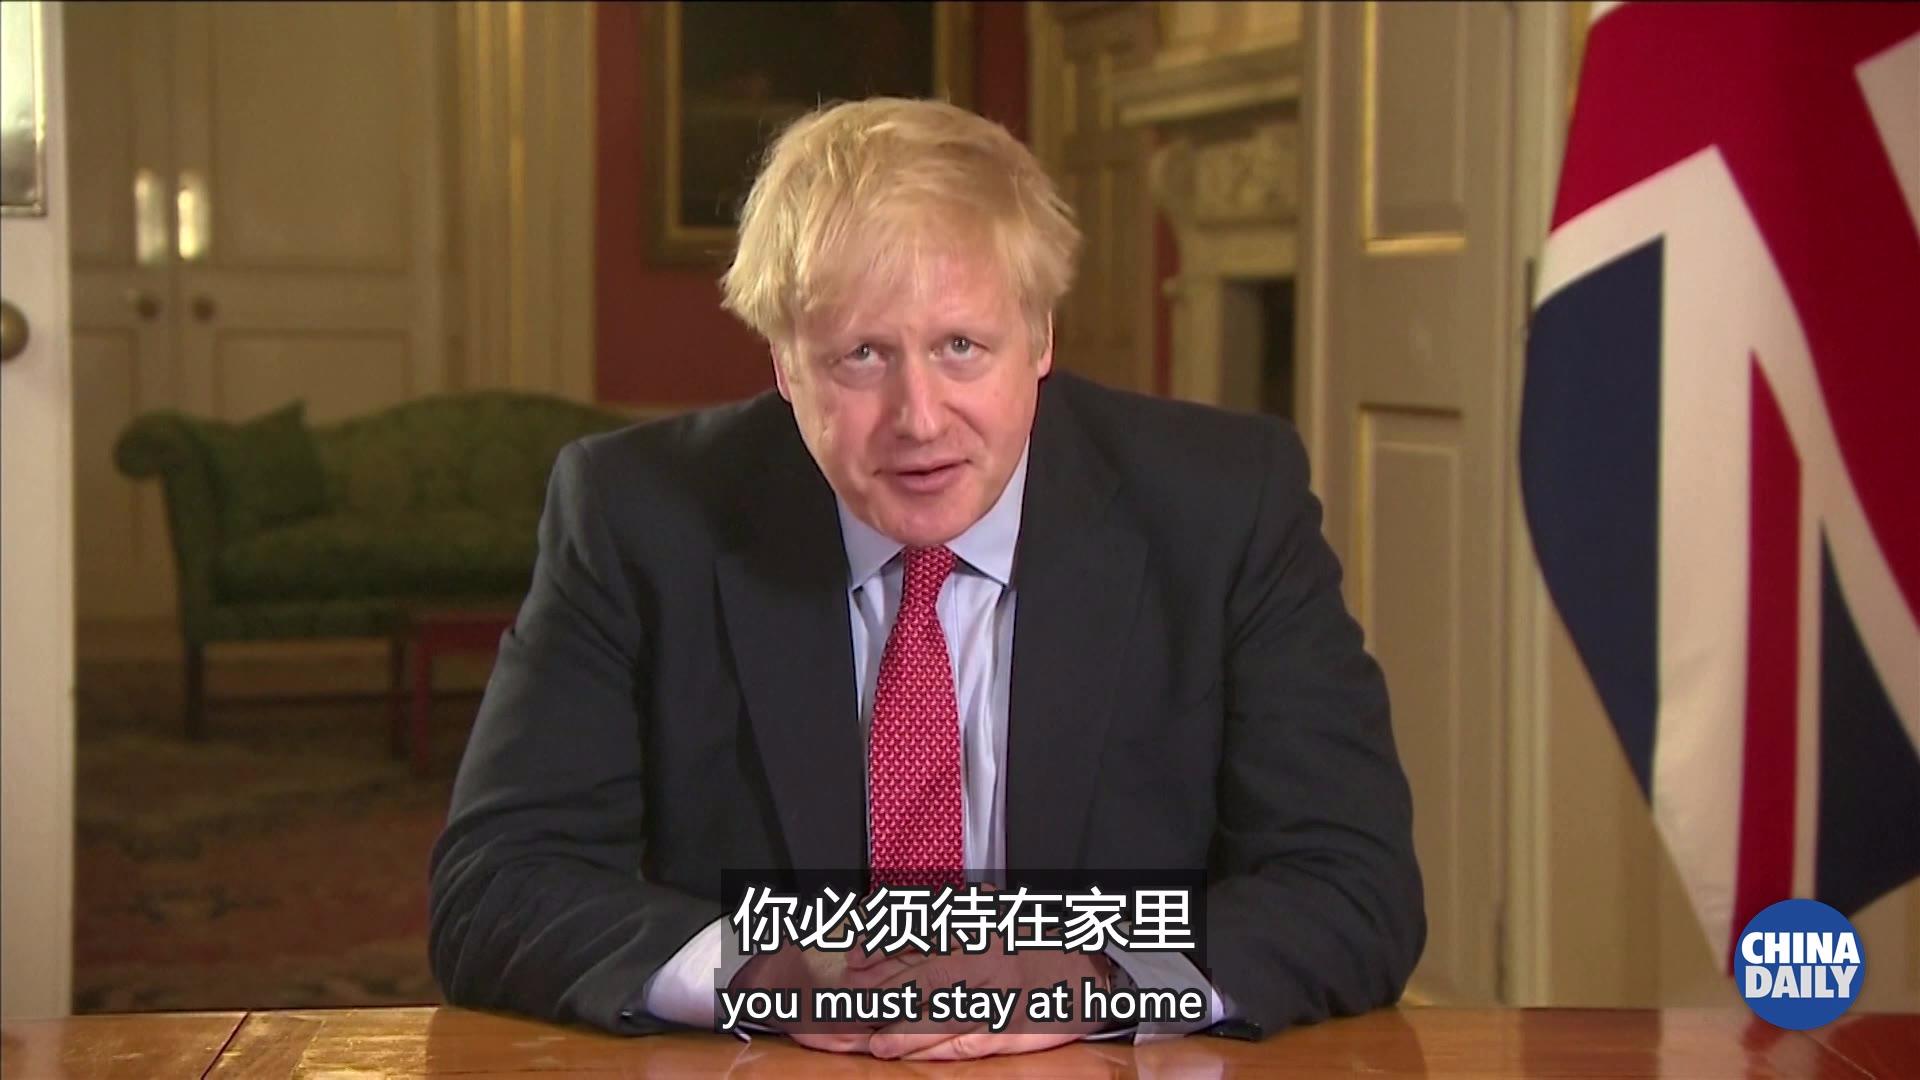 英国实施更严格封闭措施先期实行21天,将再评估